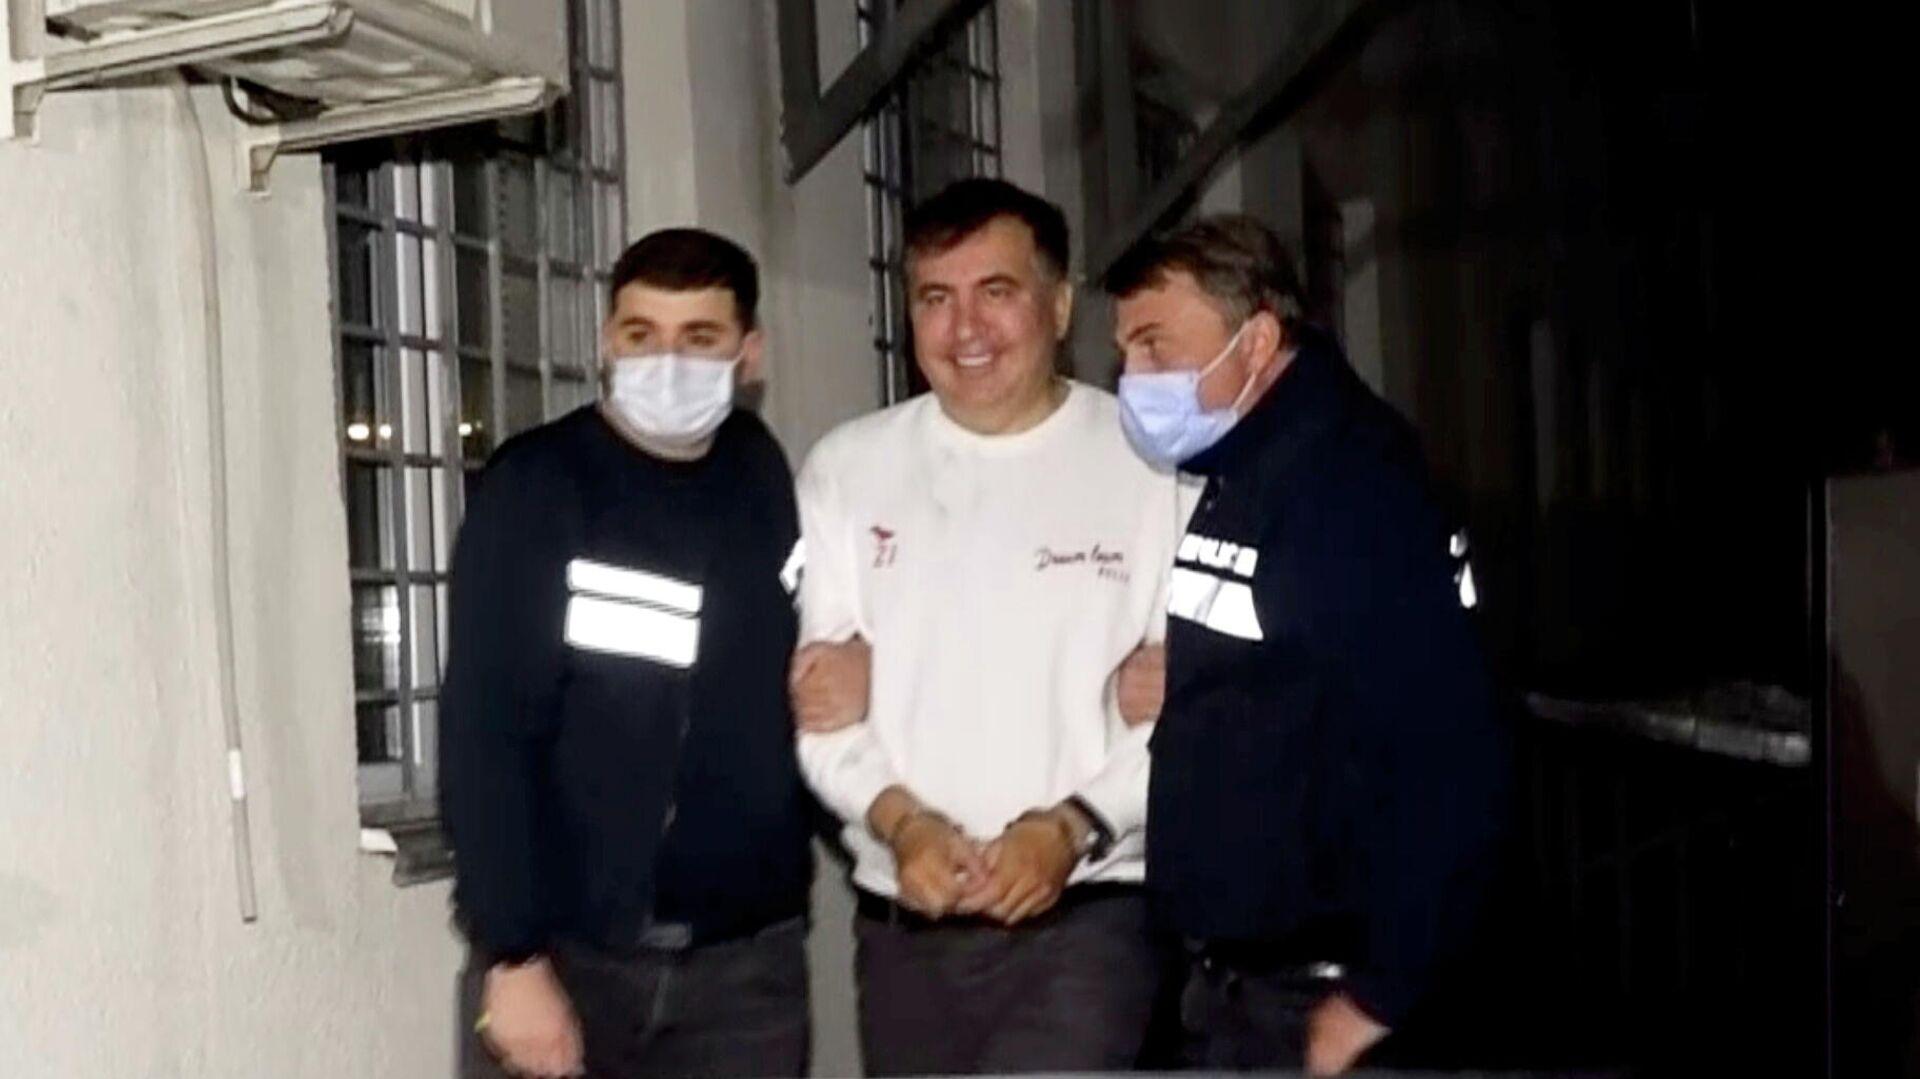 Бывший президент Грузии Михаил Саакашвили после задержания в городе Рустави - РИА Новости, 1920, 02.10.2021